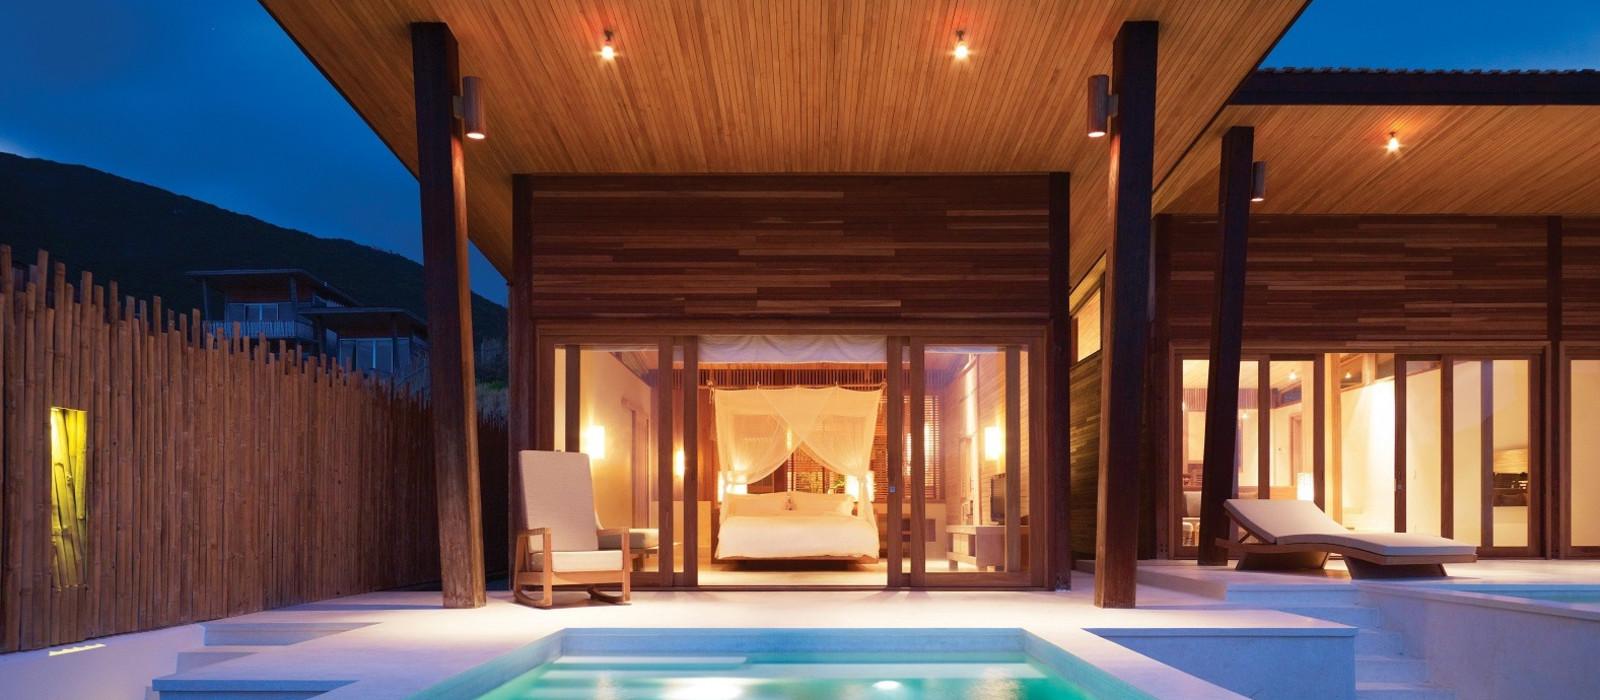 Hotel Six Senses Vietnam